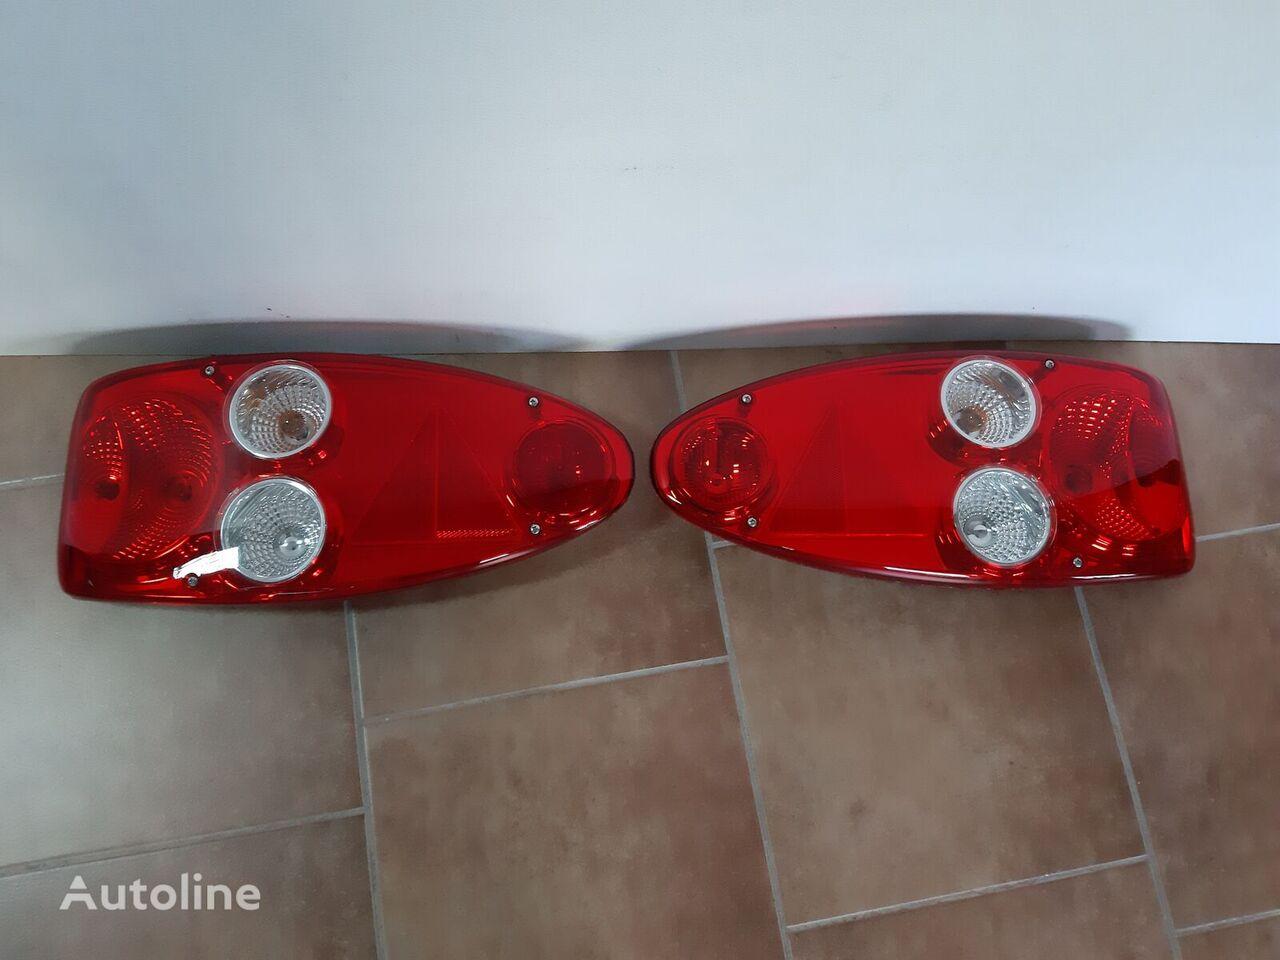 جديد لمبة Hobby prawa / lewa 01-06 rear lamp لـ الكارافانات